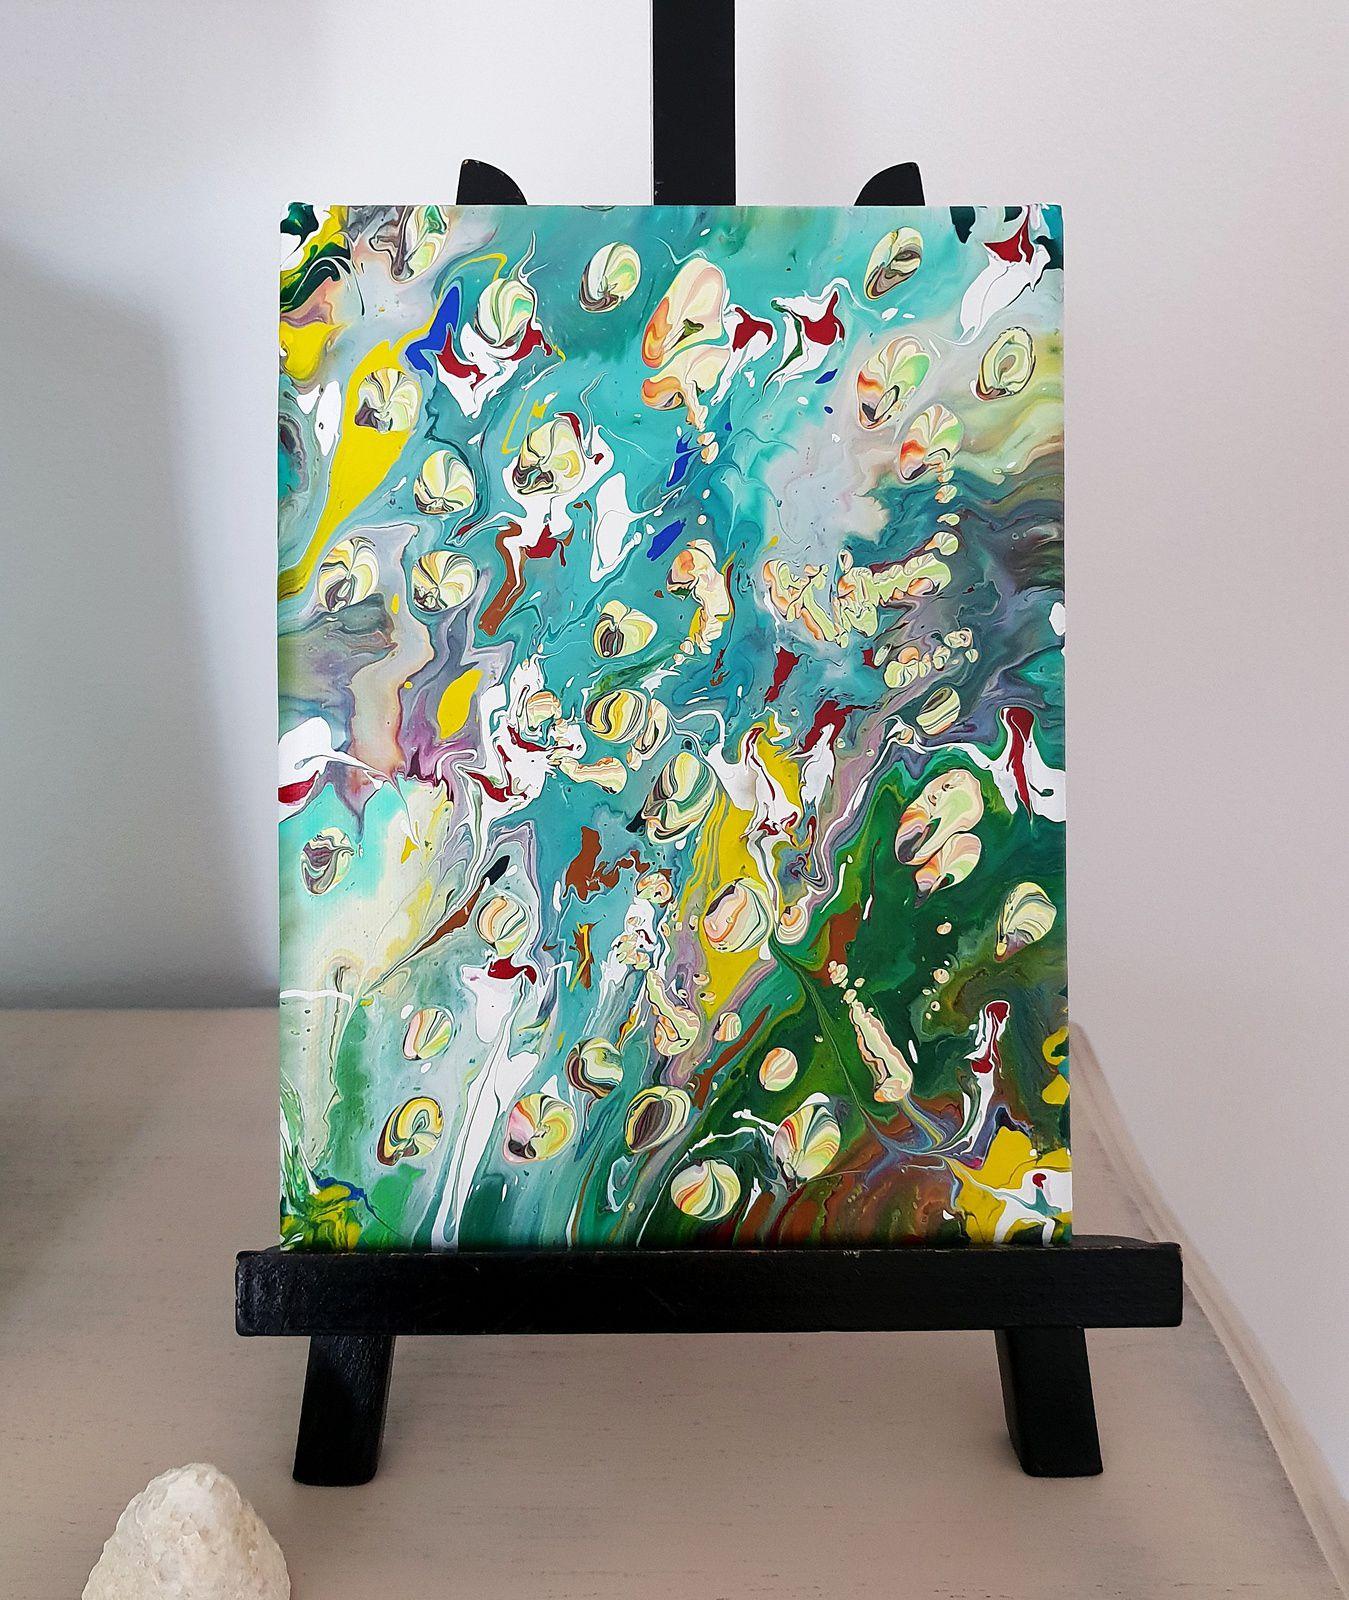 Peinture Acrylique Abstraite Pouring - Malyzarie Créations à Tableau De Peinture Pour Enfant